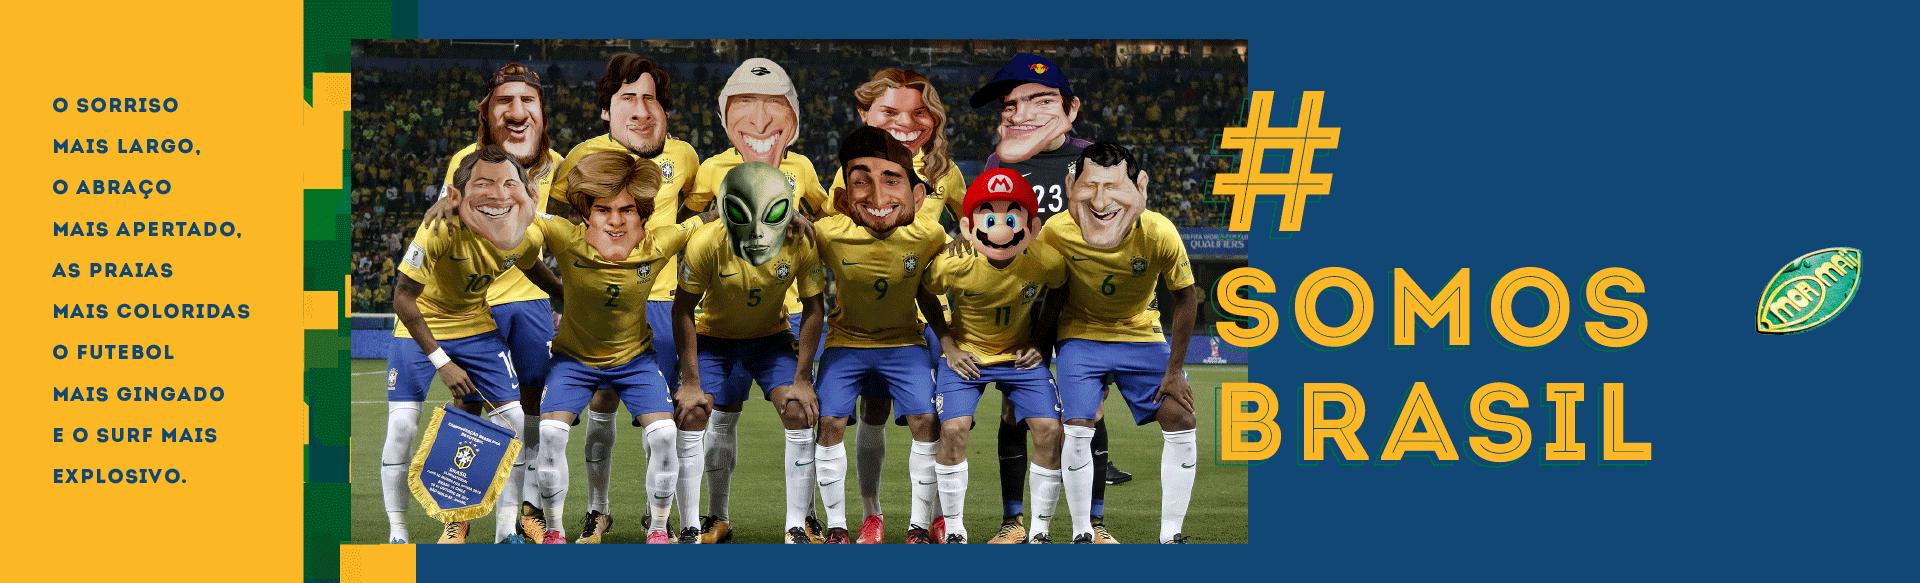 Banner Copa do Mundo